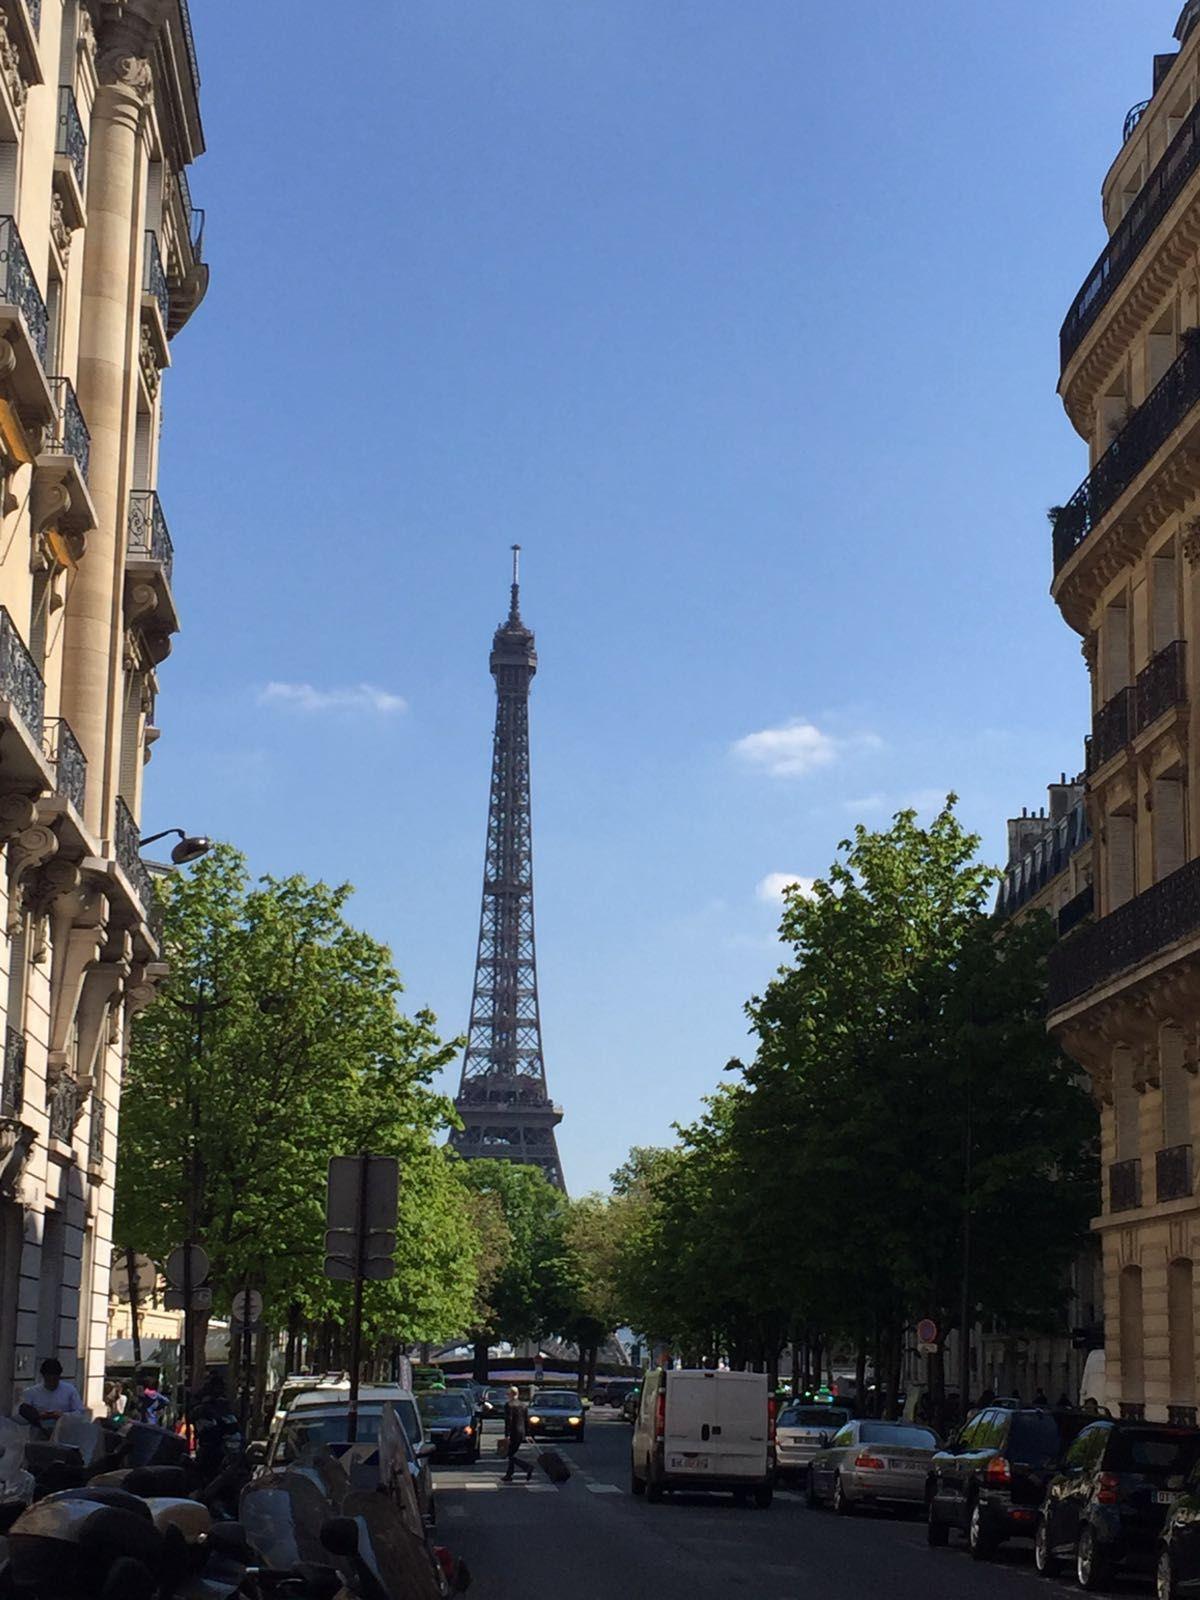 Voilà, c'est la Tour Eiffel. #Parigi #winelovers #Puglia